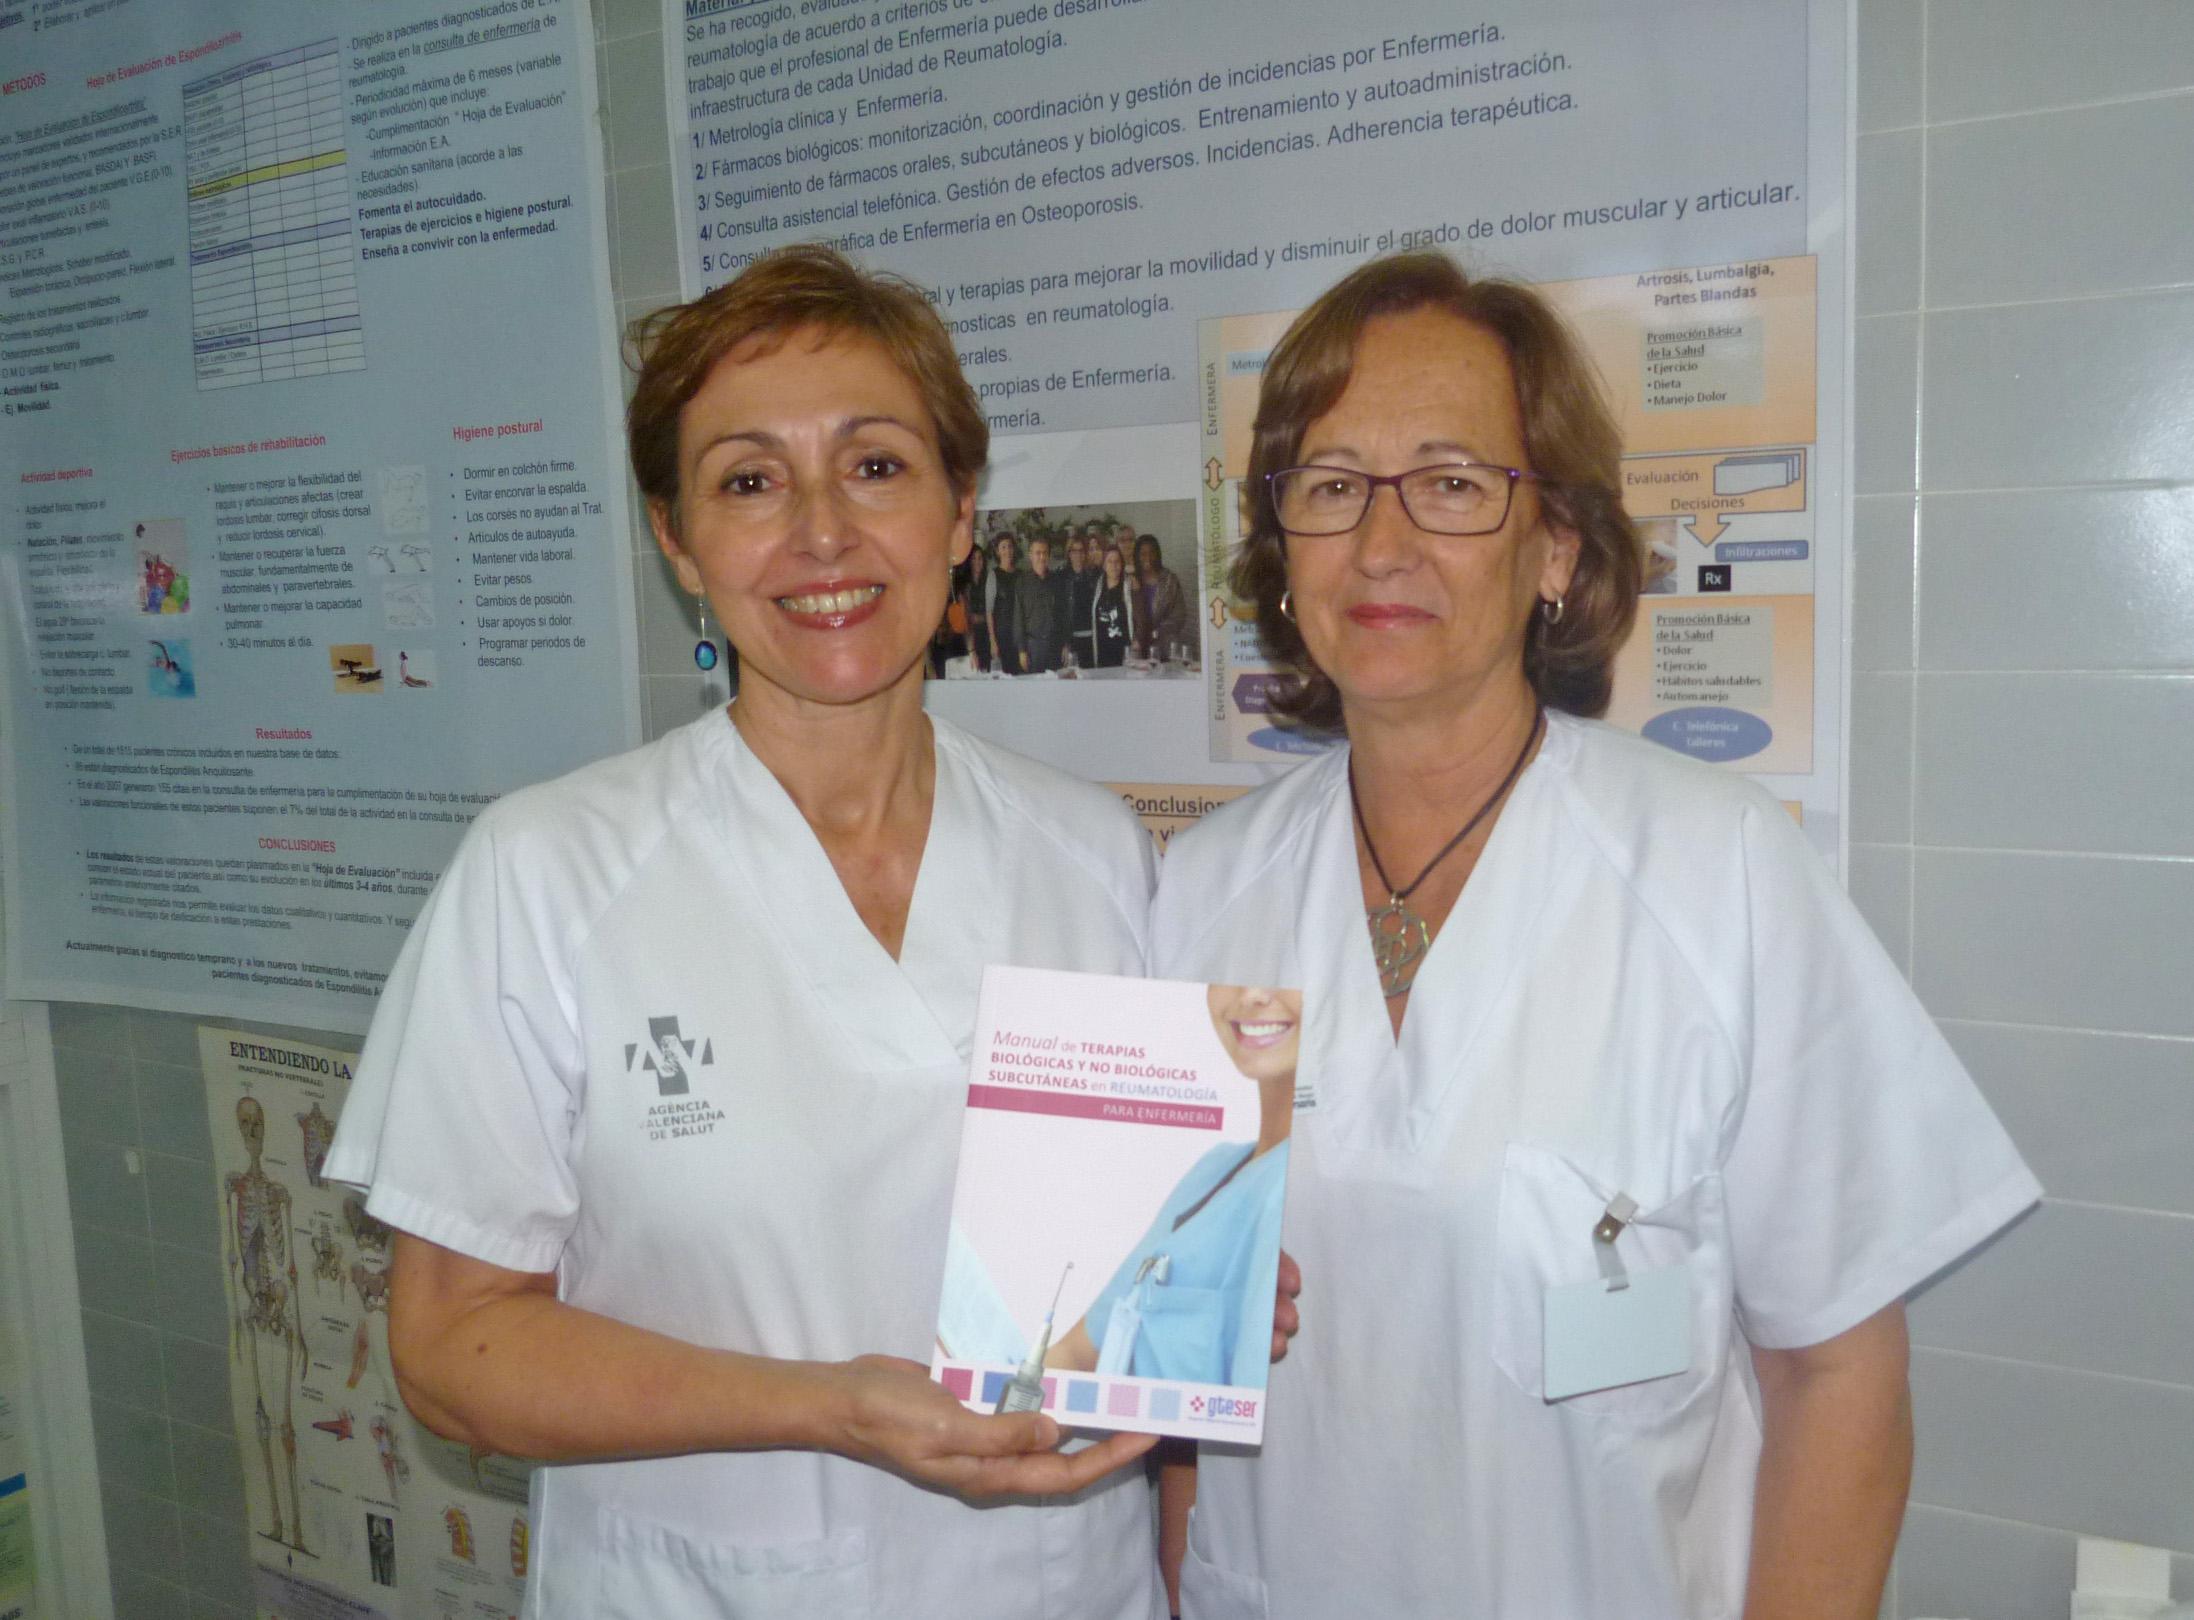 Enfermeras elaboran el primer manual sobre terapias subcutáneas en Reumatología de España